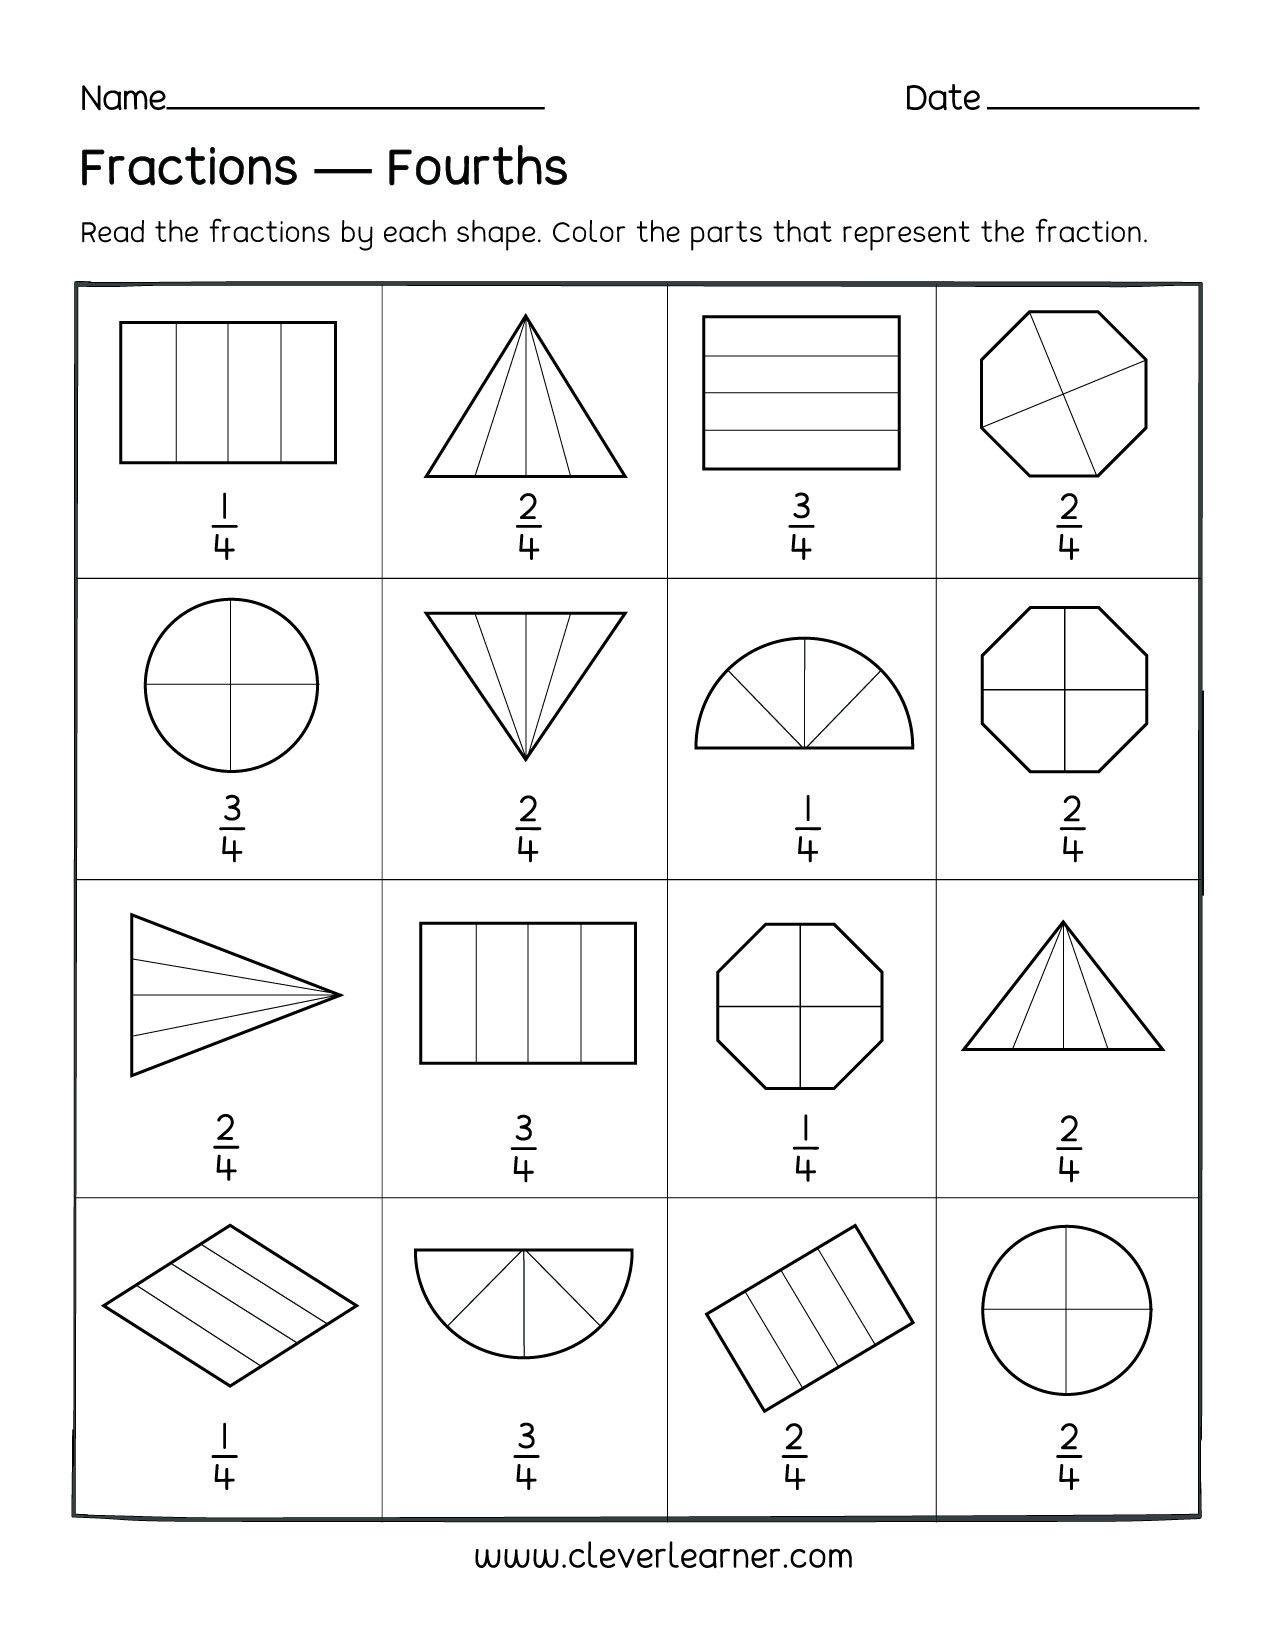 Fraction Worksheets For 1st Grade Fractions Worksheets Math Fractions Worksheets Worksheets Free [ 1651 x 1276 Pixel ]